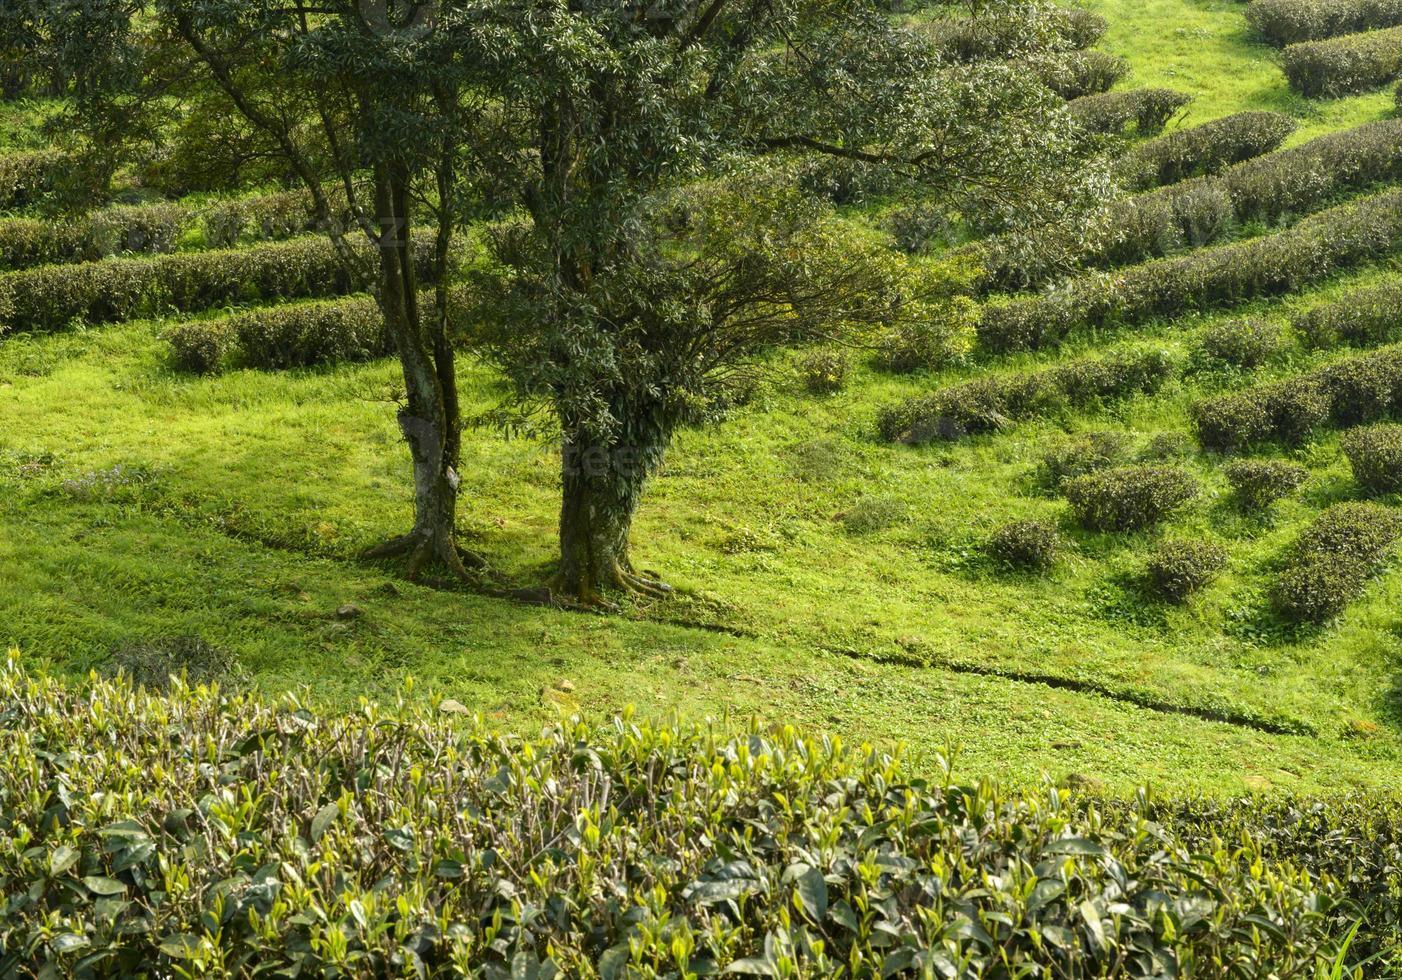 plantaciones de té verde en la montaña foto